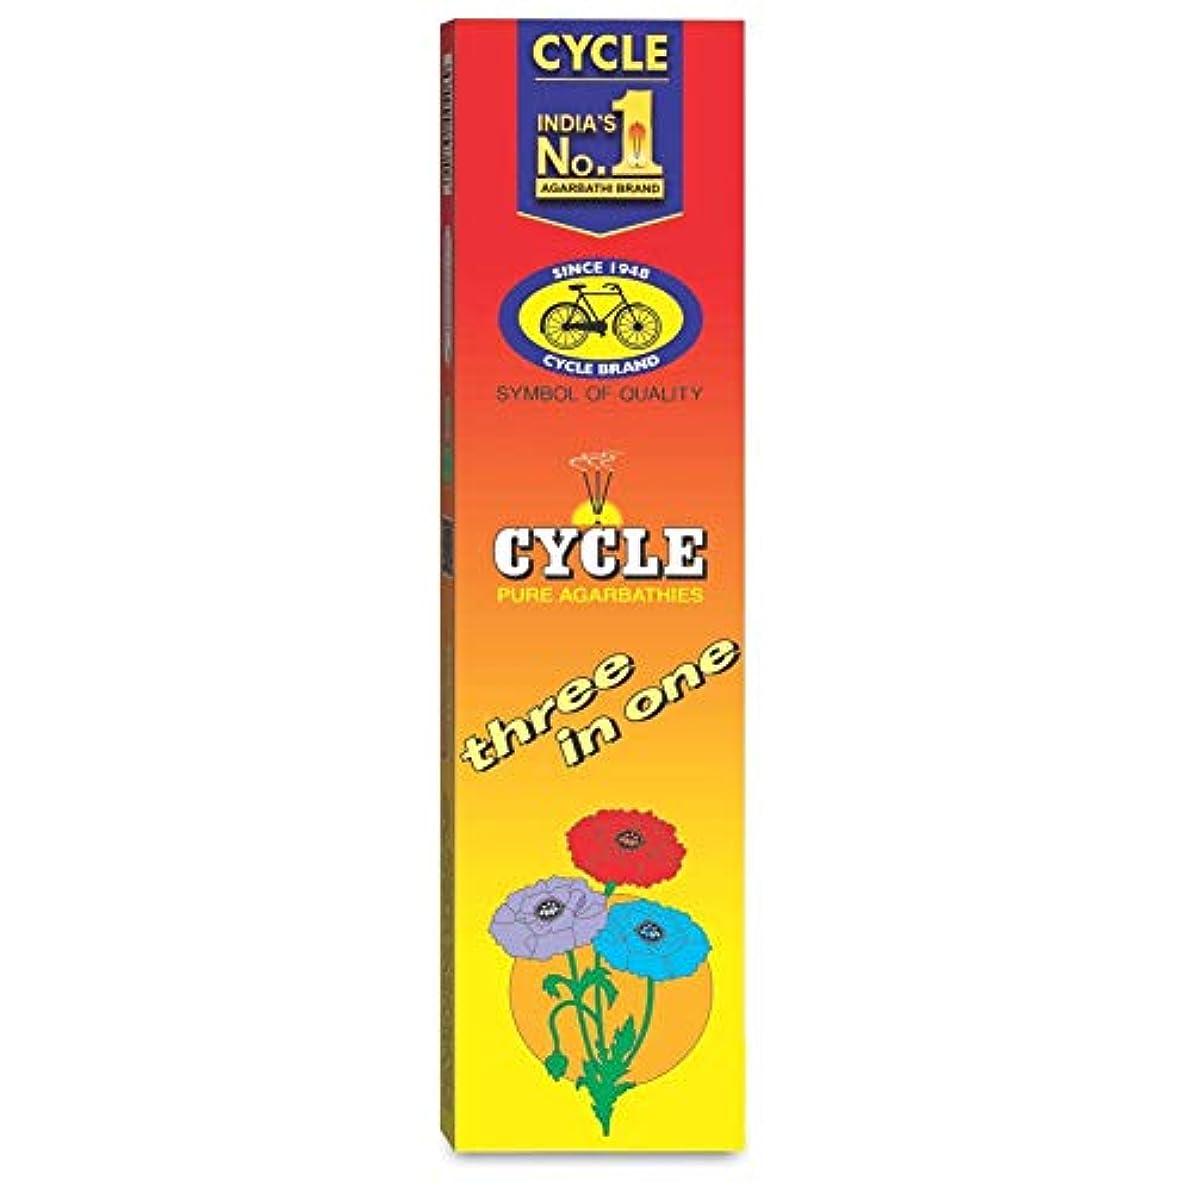 防止抽象化厚さCycle Pure Agarbathies Three In One Classic Fragrance Incense Sticks - 240 Grams Free Soap Offer